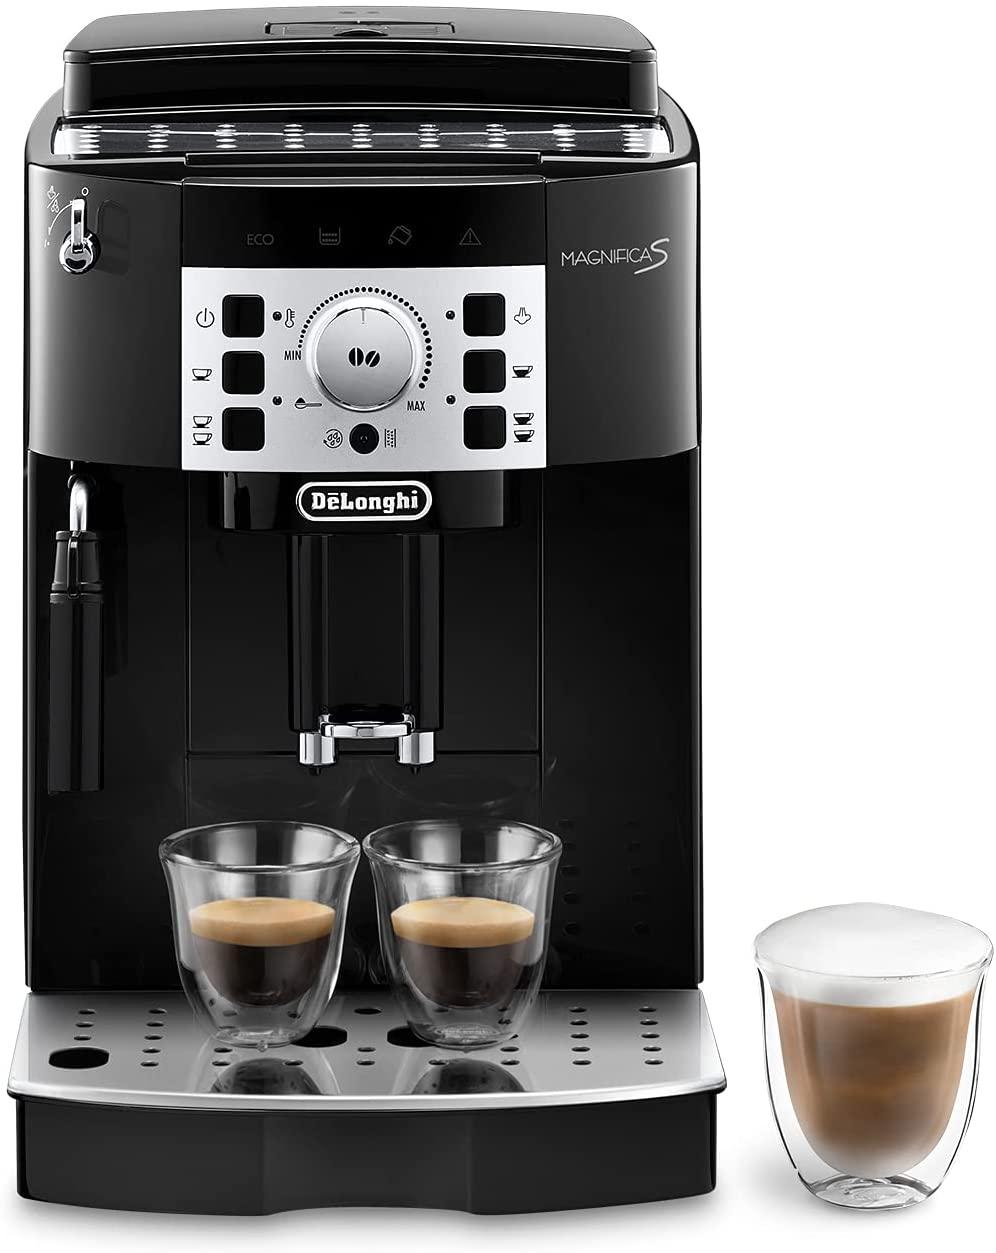 De'longhi Magnifica S - Cafetera Superautomática con 15 Bares de Presión, Cafetera para Espresso y Cappuccino, 13 Programas Ajustables,...